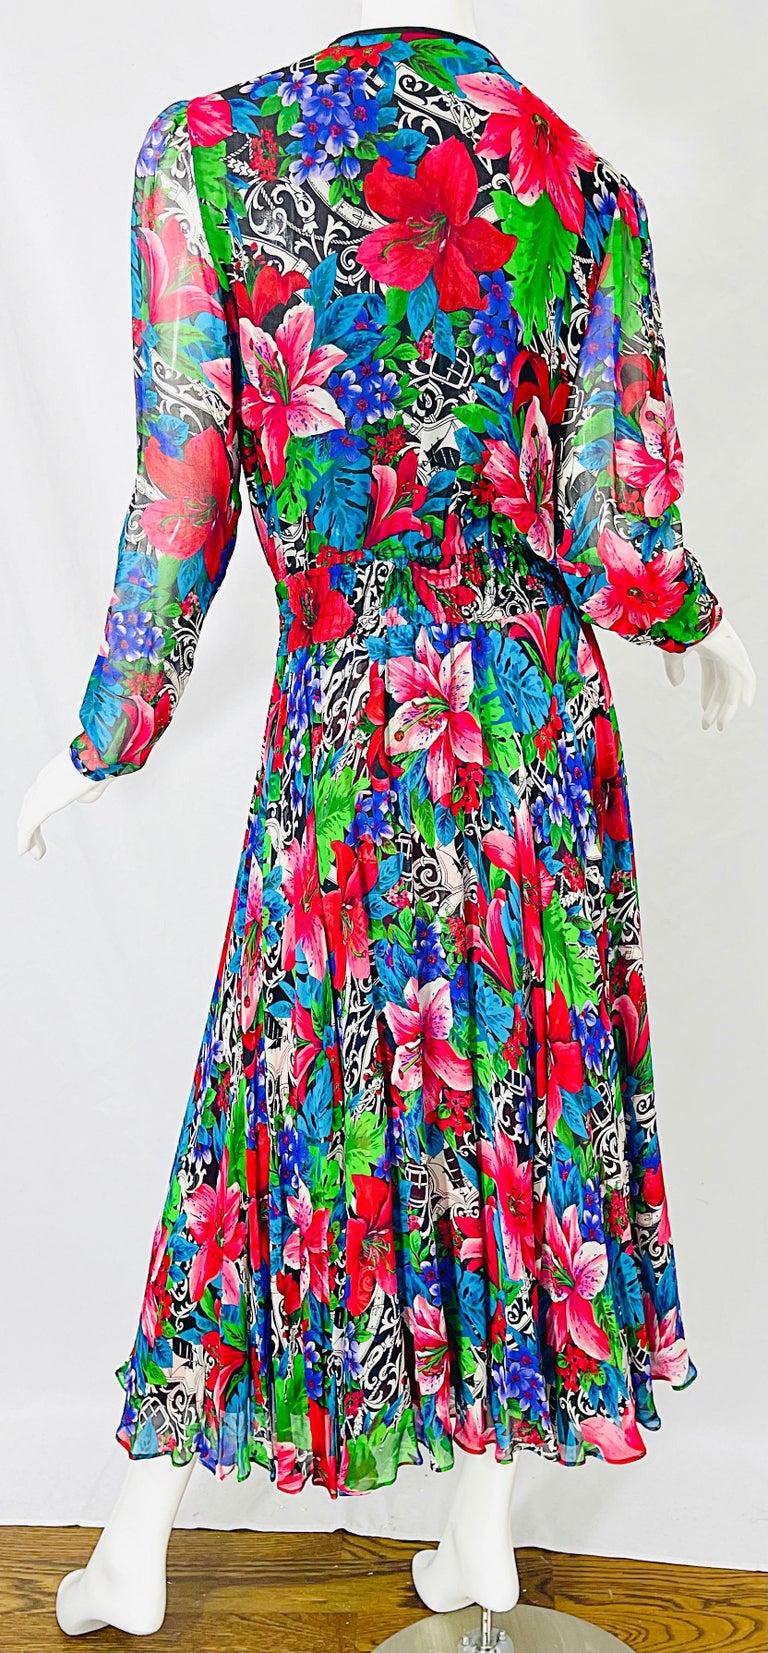 Vintage Diane Freis Silk Chiffon Beaded Tropical Print Midi Dress + Sash For Sale 6